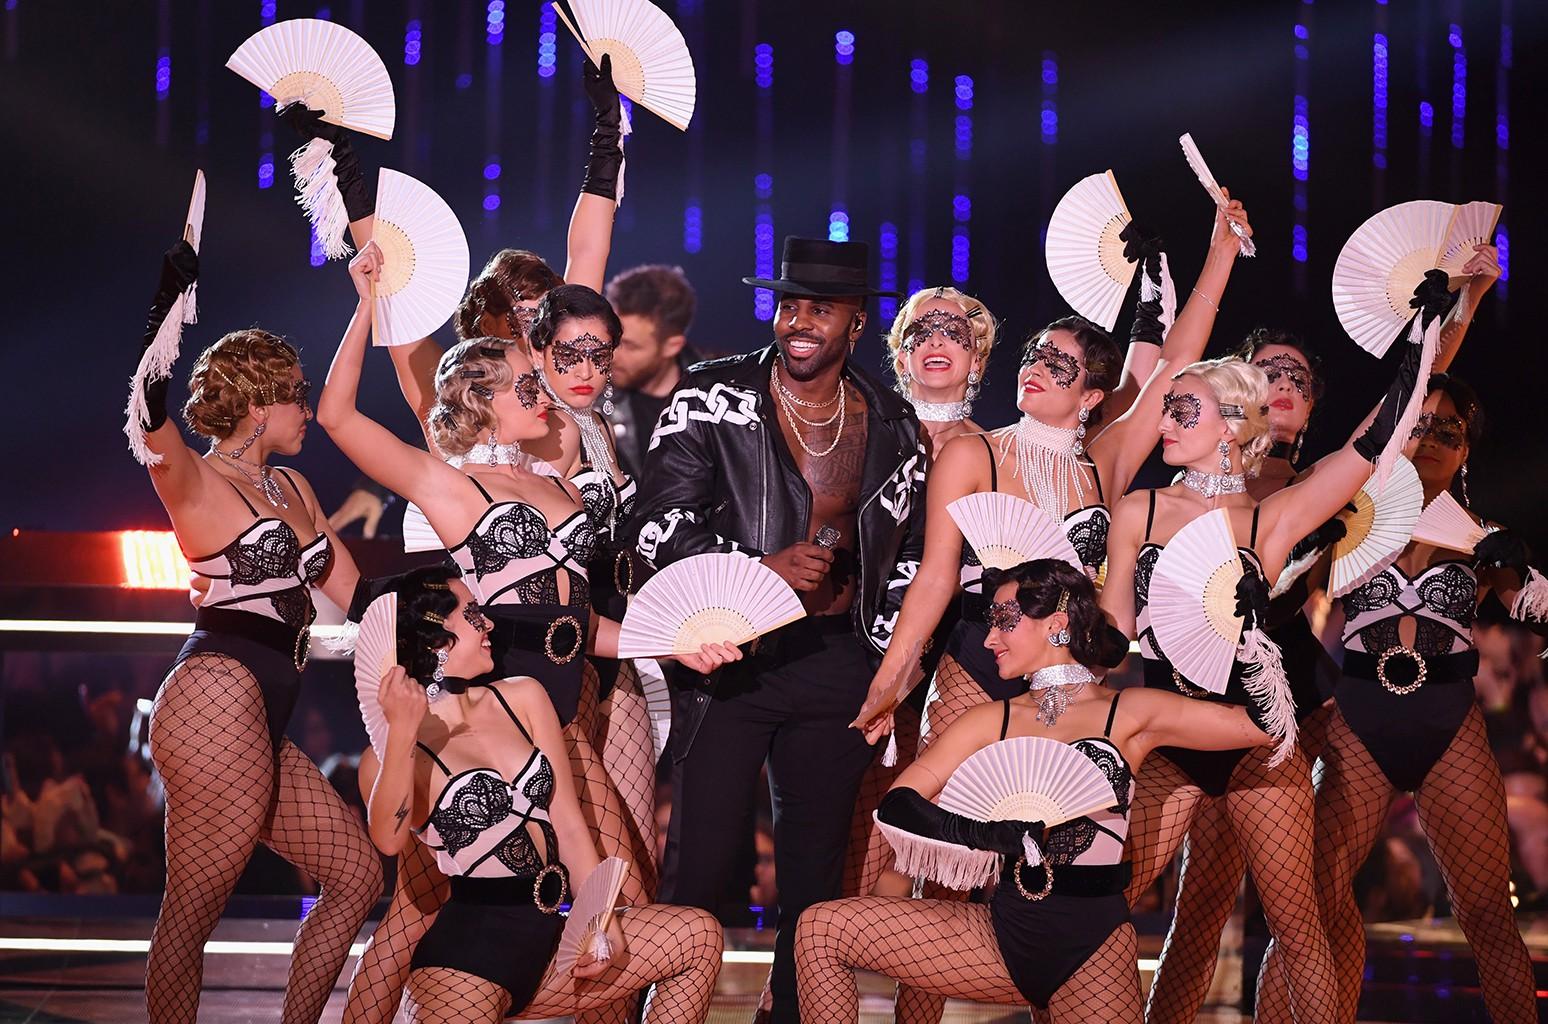 5 khoảnh khắc đáng nhớ nhất tại lễ trao giải MTV EMAs 2018 - Ảnh 4.